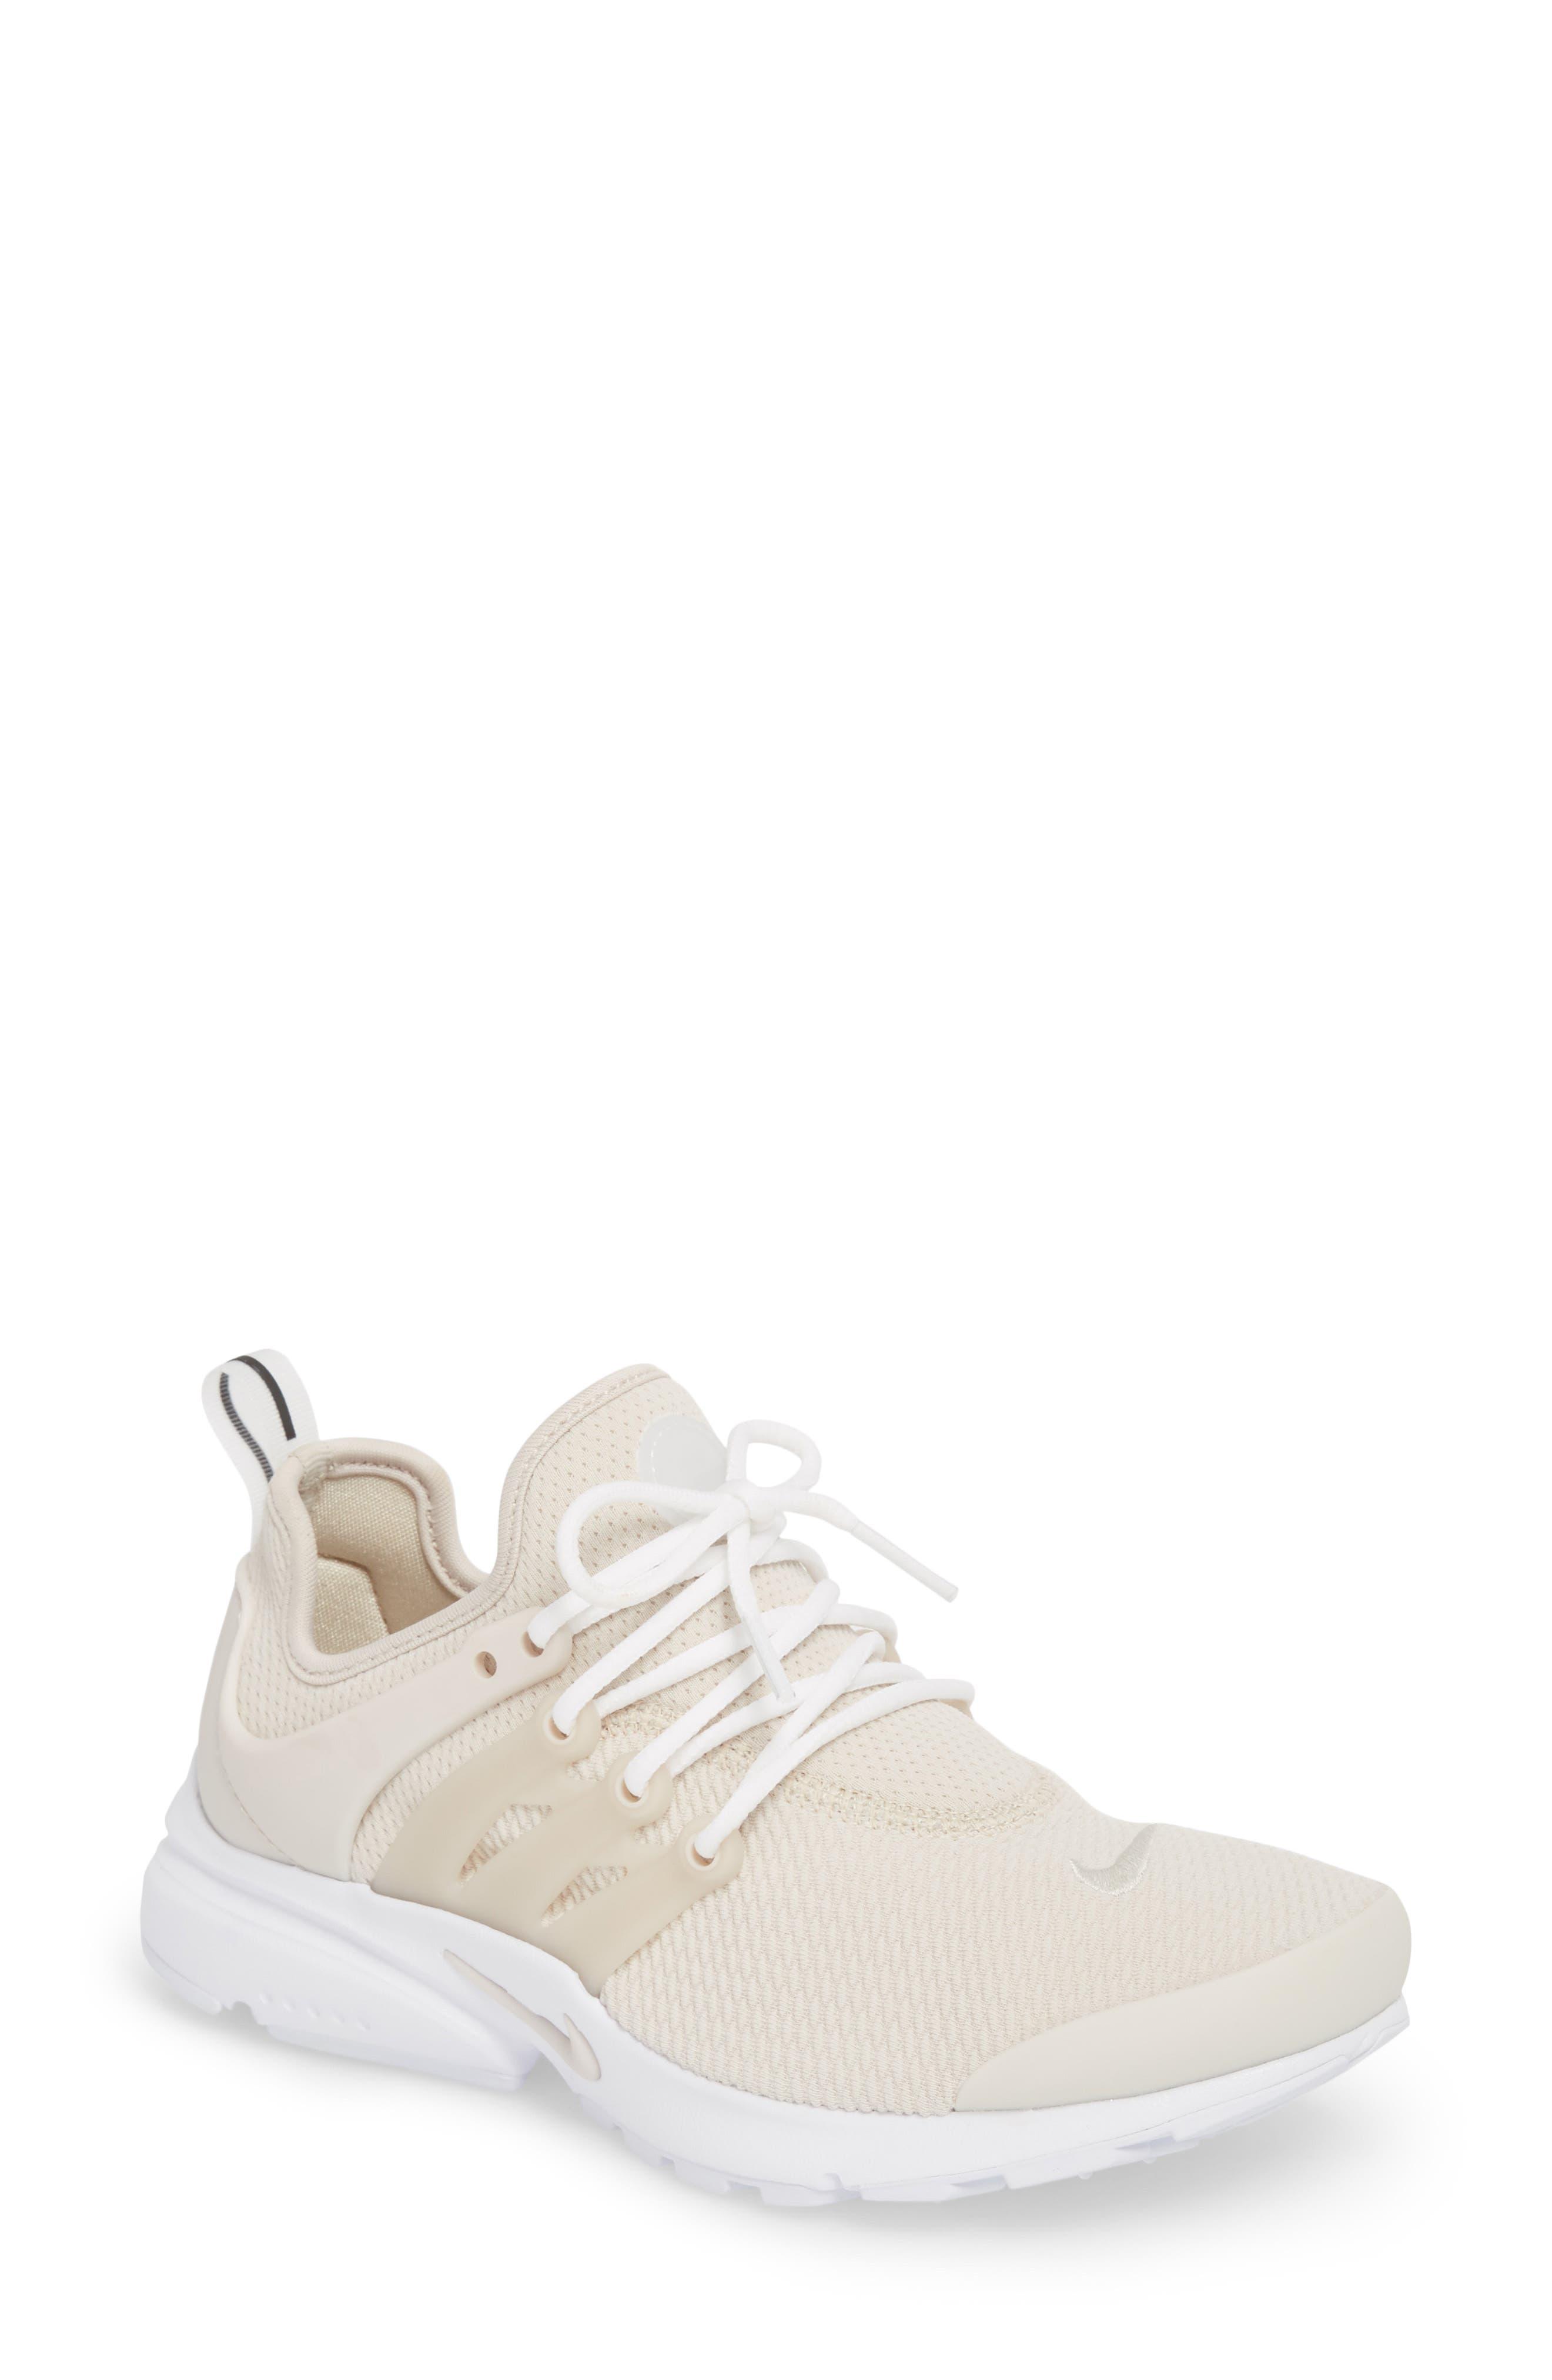 Air Presto Sneaker,                         Main,                         color, Desert Sand/ Desert Sand